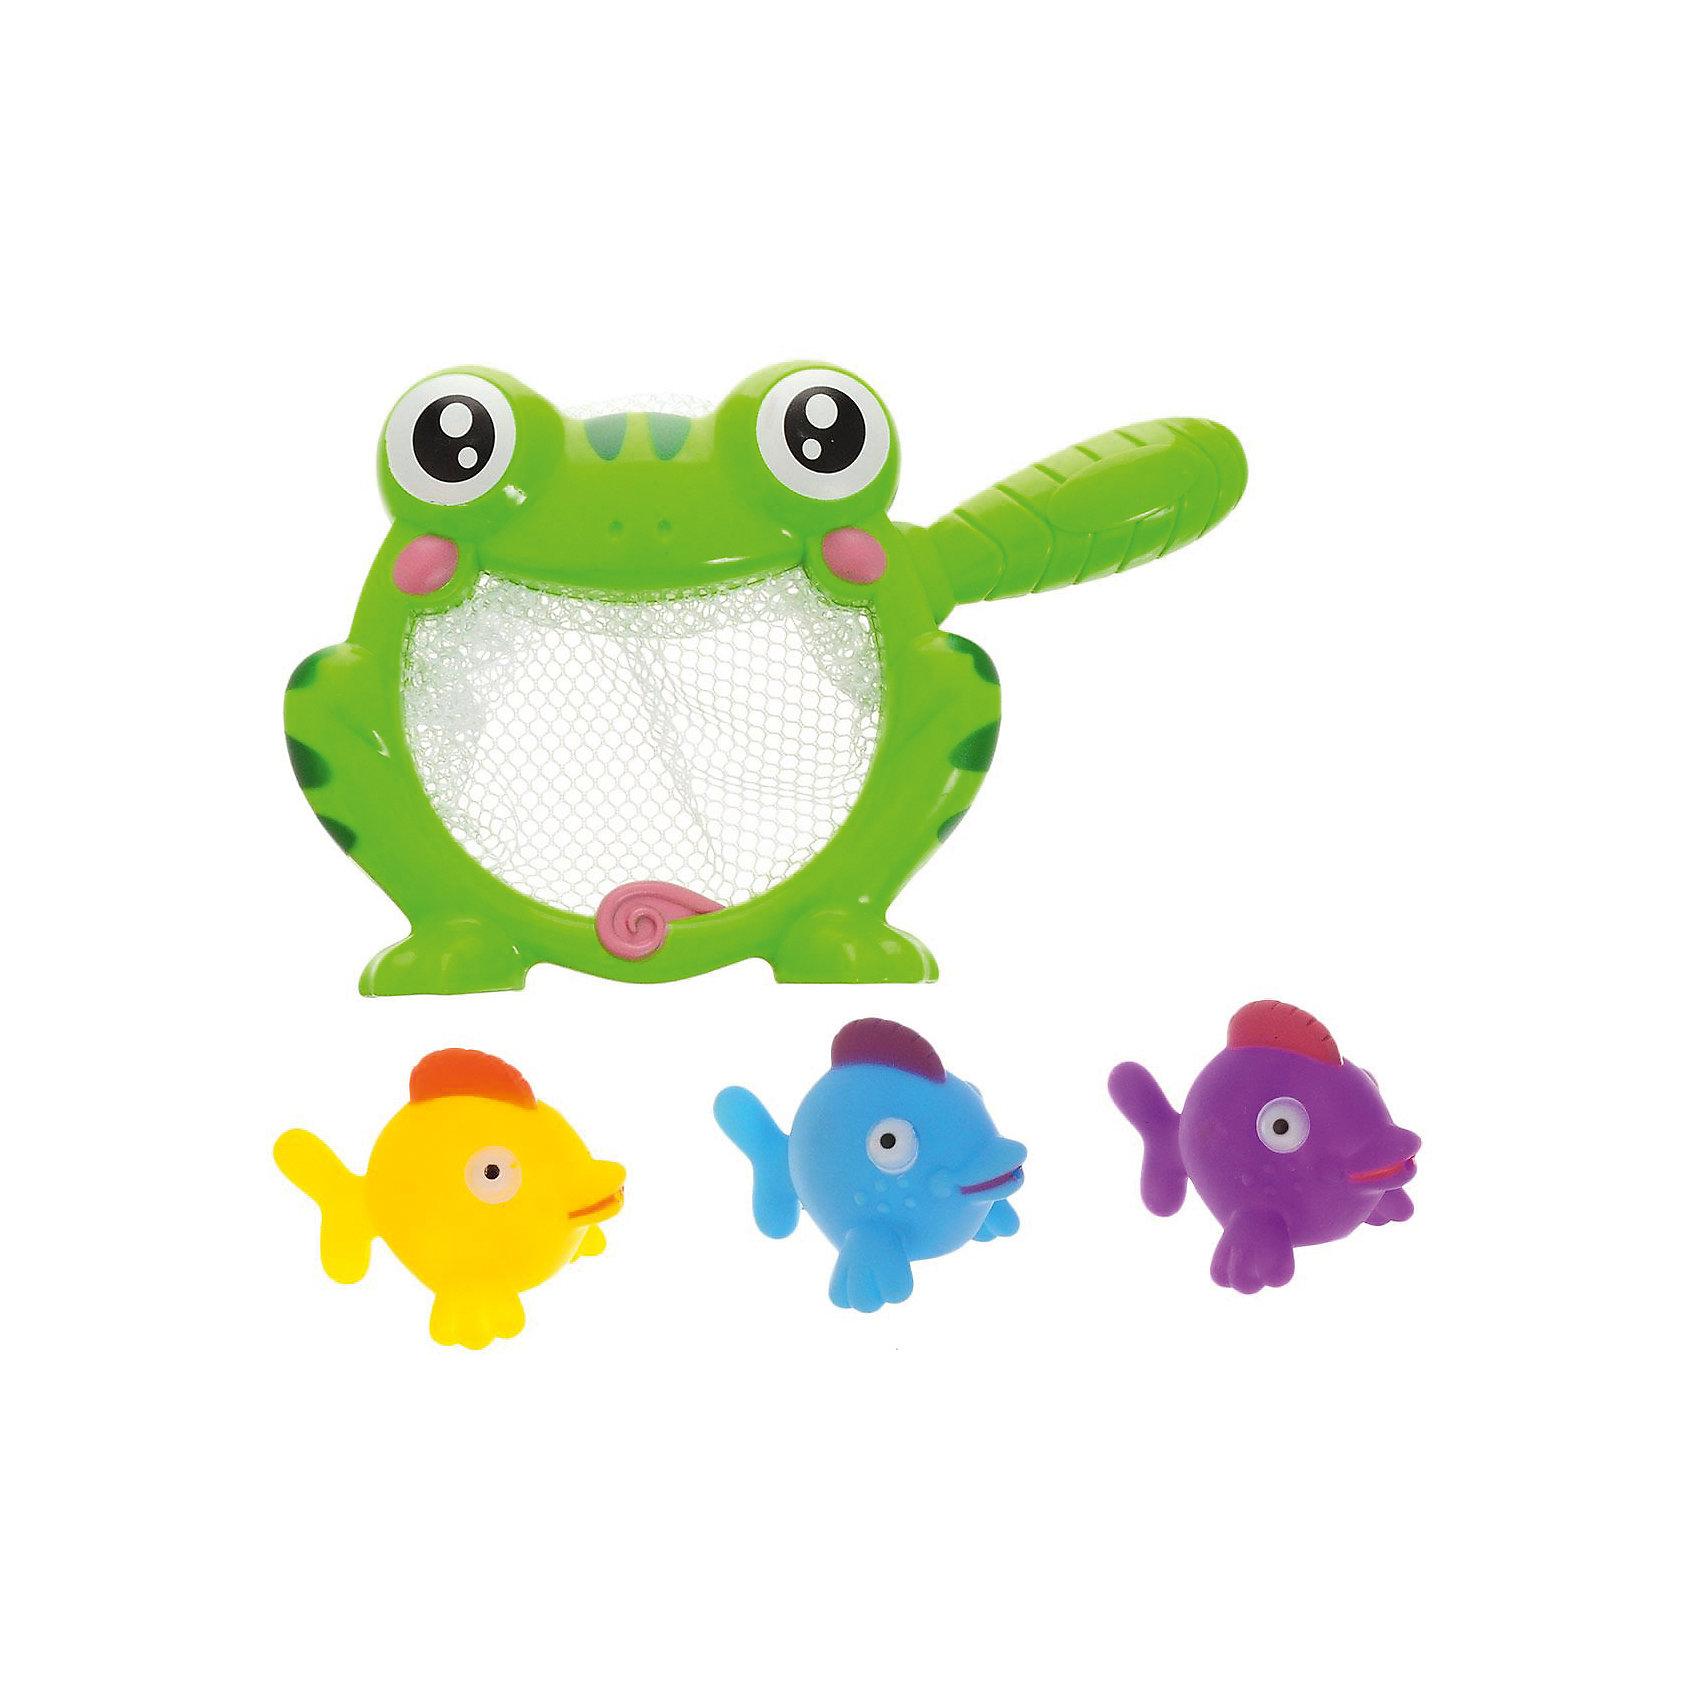 Набор резиновых игрушек для ванной Веселое купание: 3 рыбки и лягушка-сачок, 4 предм., ABtoysИгровые наборы<br>Веселое купание. Резиновые игрушки для ванной, в.наборе 4 шт. (3 рыбки и лягушка-сачок), на блистере, 21,5x4,6x5 см<br><br>Ширина мм: 215<br>Глубина мм: 46<br>Высота мм: 50<br>Вес г: 162<br>Возраст от месяцев: 36<br>Возраст до месяцев: 96<br>Пол: Унисекс<br>Возраст: Детский<br>SKU: 5500924